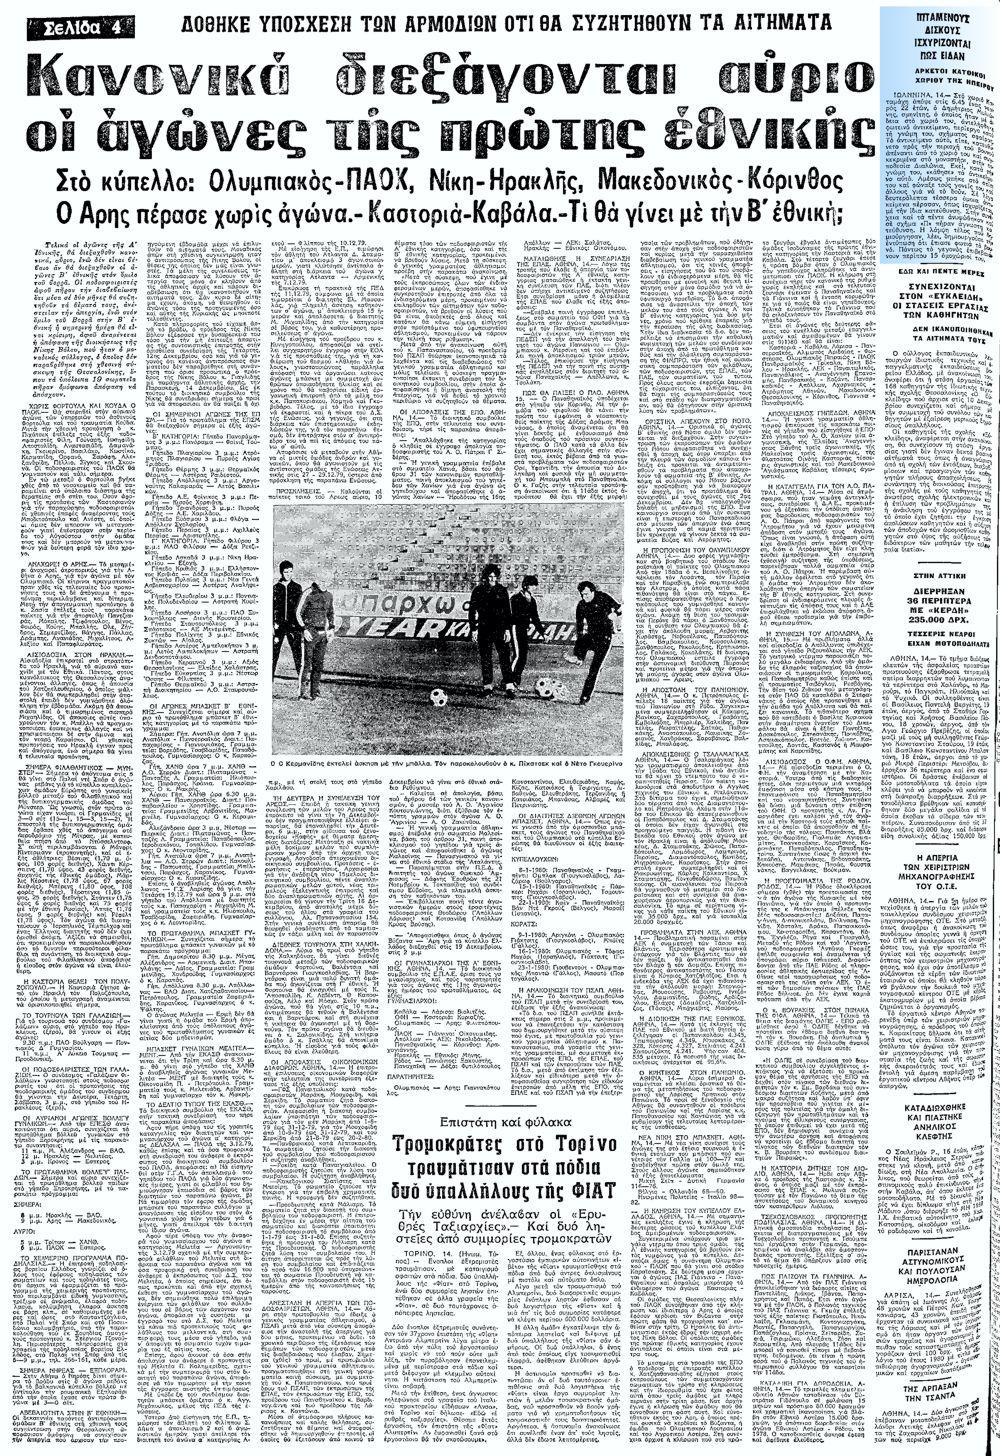 """Το άρθρο, όπως δημοσιεύθηκε στην εφημερίδα """"ΜΑΚΕΔΟΝΙΑ"""", στις 15/12/1979"""